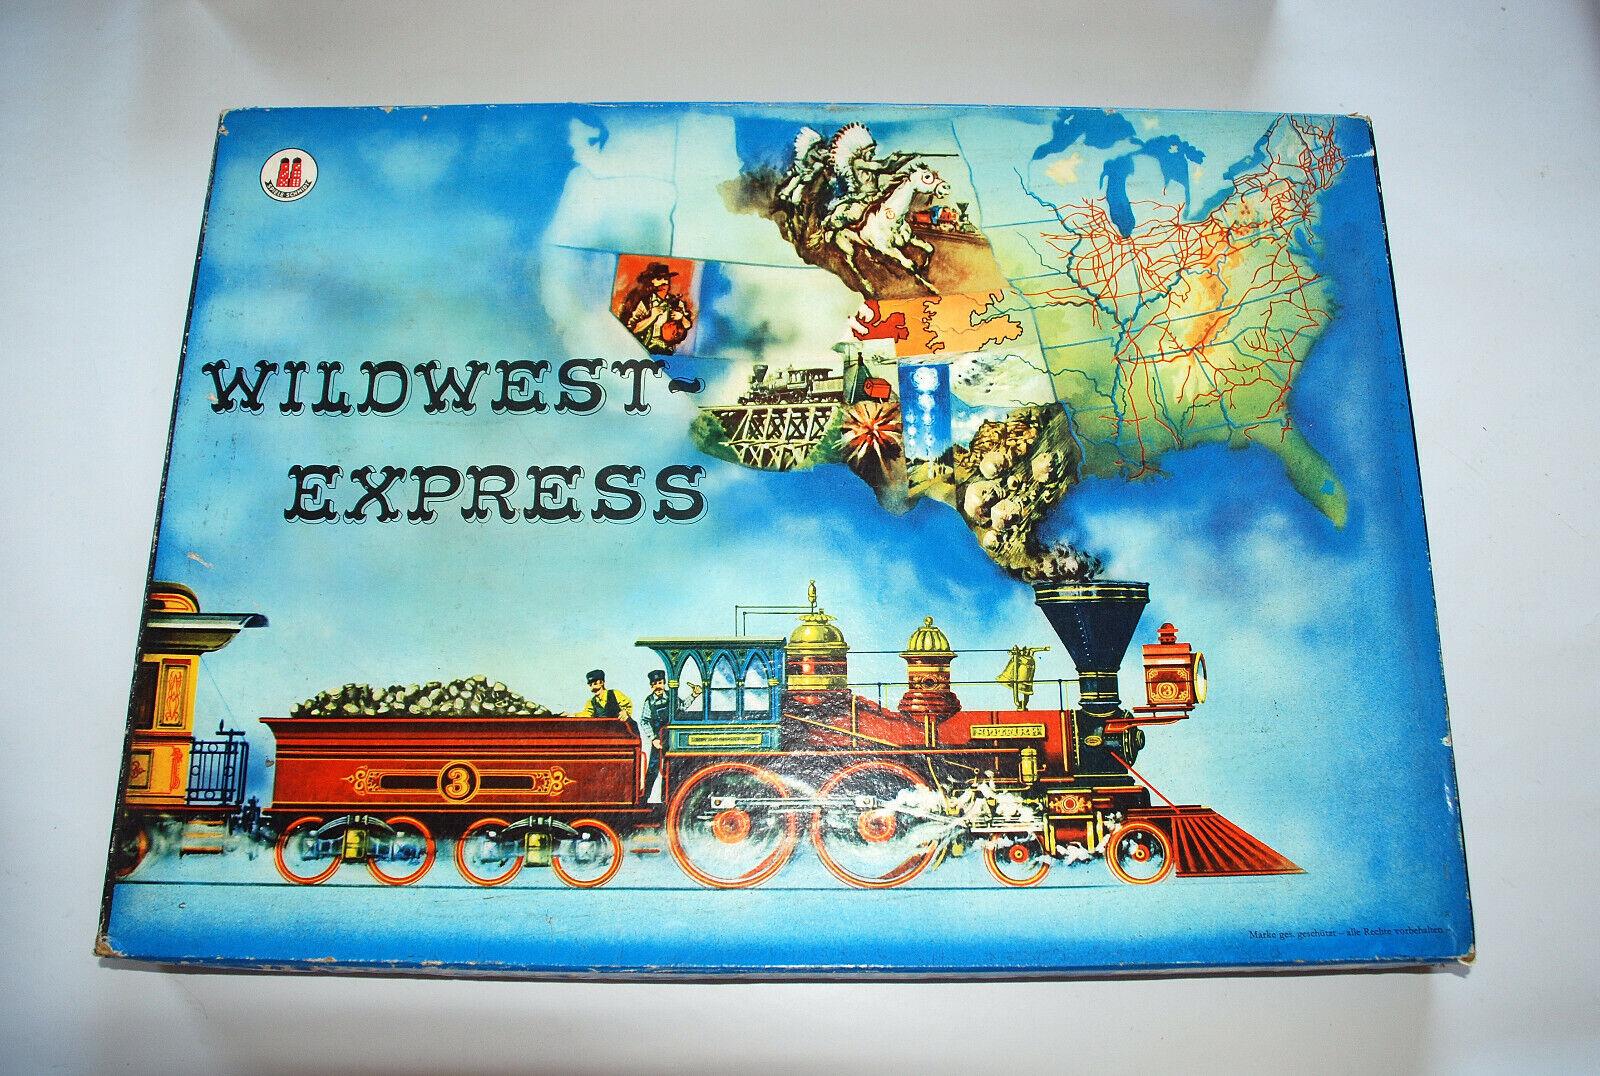 Wildwestexpress ein Spiel von Schmidt vollständig